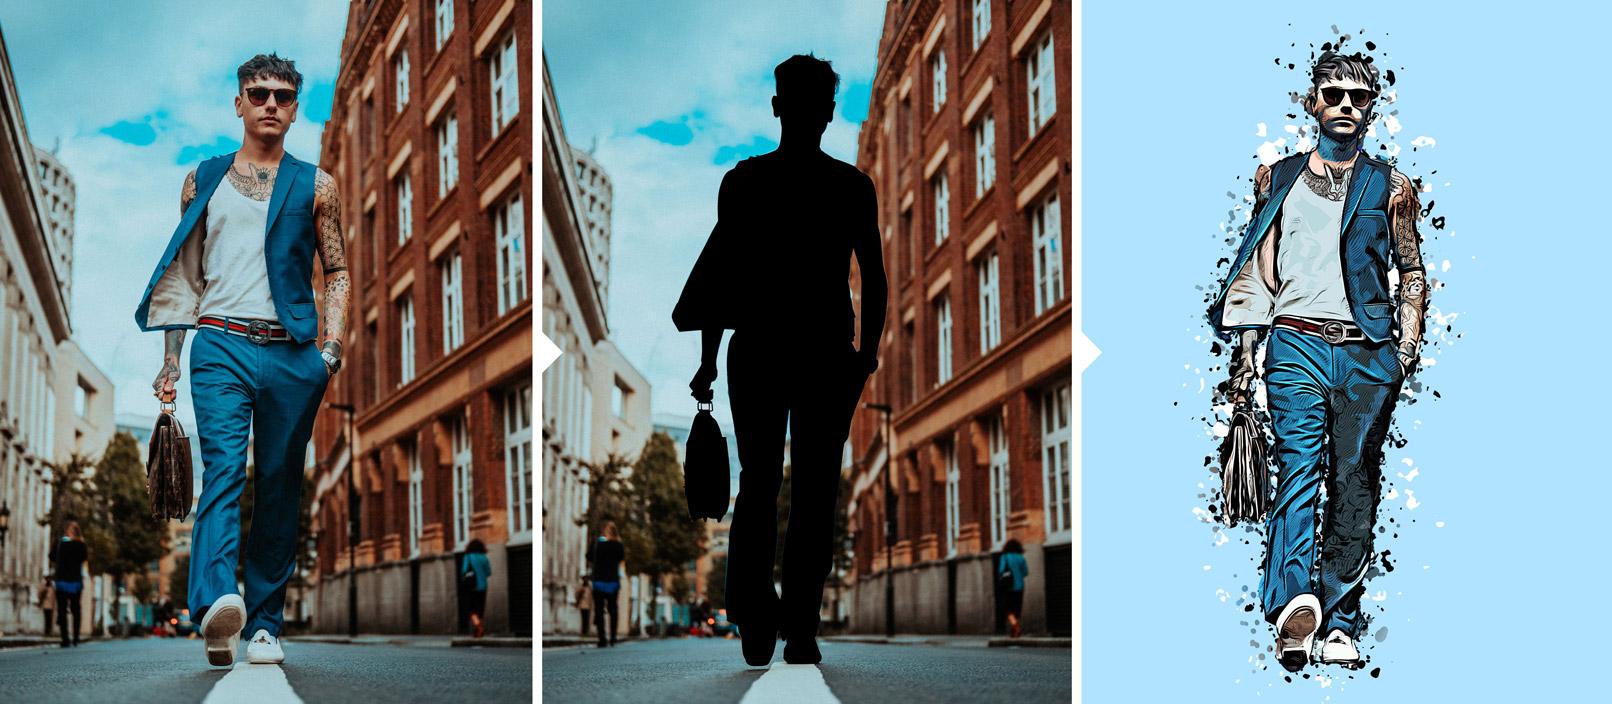 Mann auf Straße, Workflow zur Anwendung der Photoshop-Aktion Cartoon